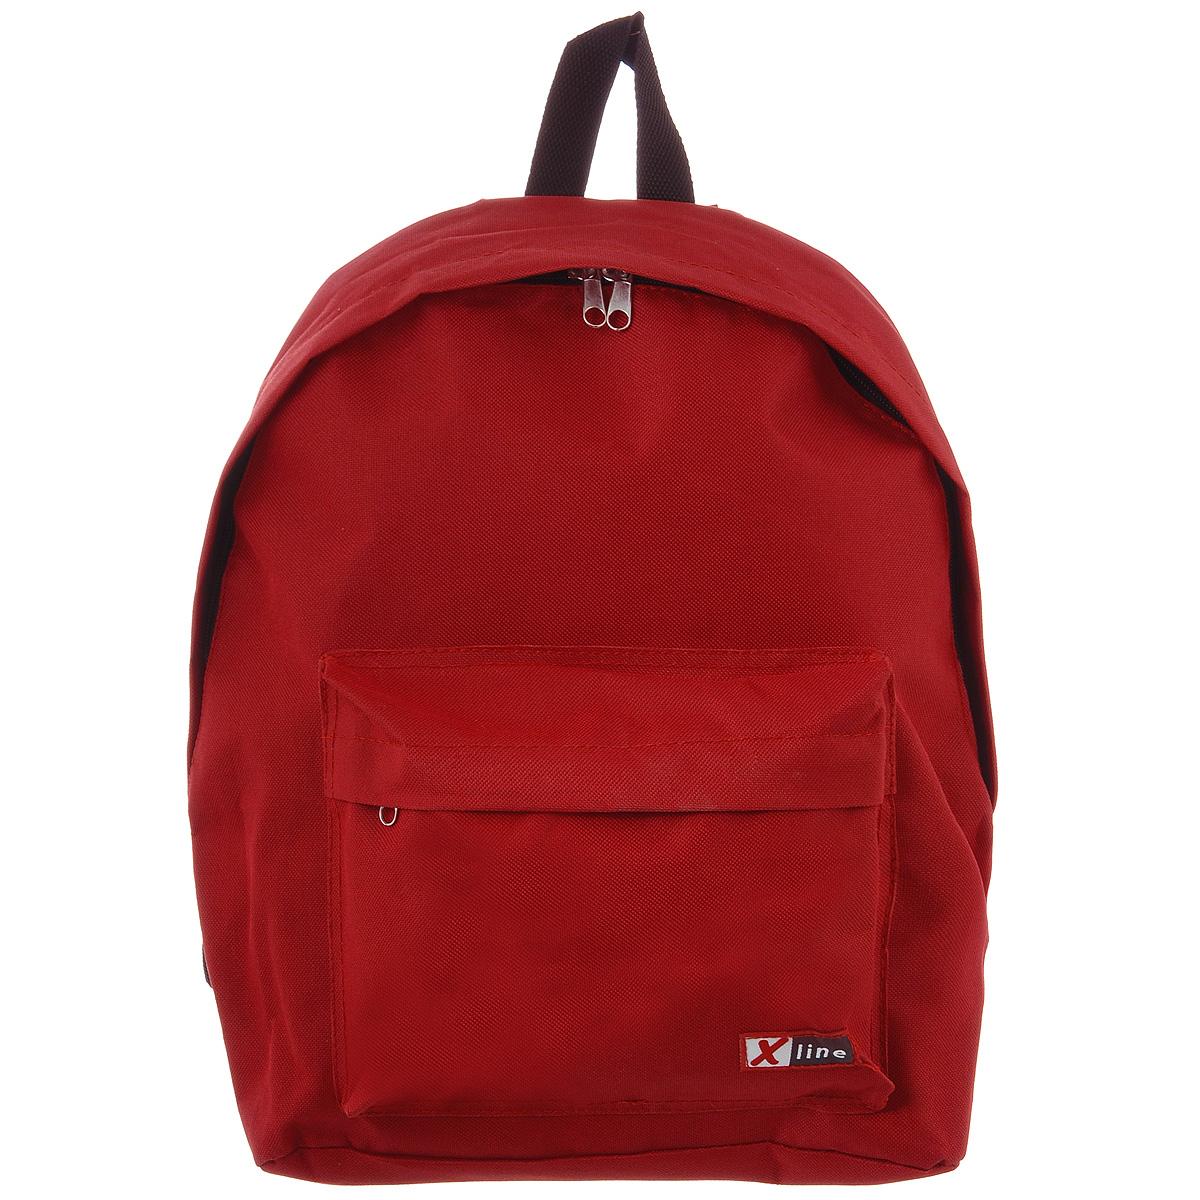 Рюкзак Proff X-line, цвет: красный. XL14-169XL14-169Рюкзак Proff X-line выполнен из прочного полиэстера красного цвета. Рюкзак имеет одно большое отделение, которое закрывается на молнию с двумя бегунками. Помимо основного отделения, рюкзак имеет один внешний накладной карман на молнии и под небольшим клапаном. Рюкзак оснащен широкими плечевыми ремнями, которые регулируются по длине, и ручкой для переноски в руке, а удобная уплотненная спинка будет оберегать позвоночник при длительных нагрузках.